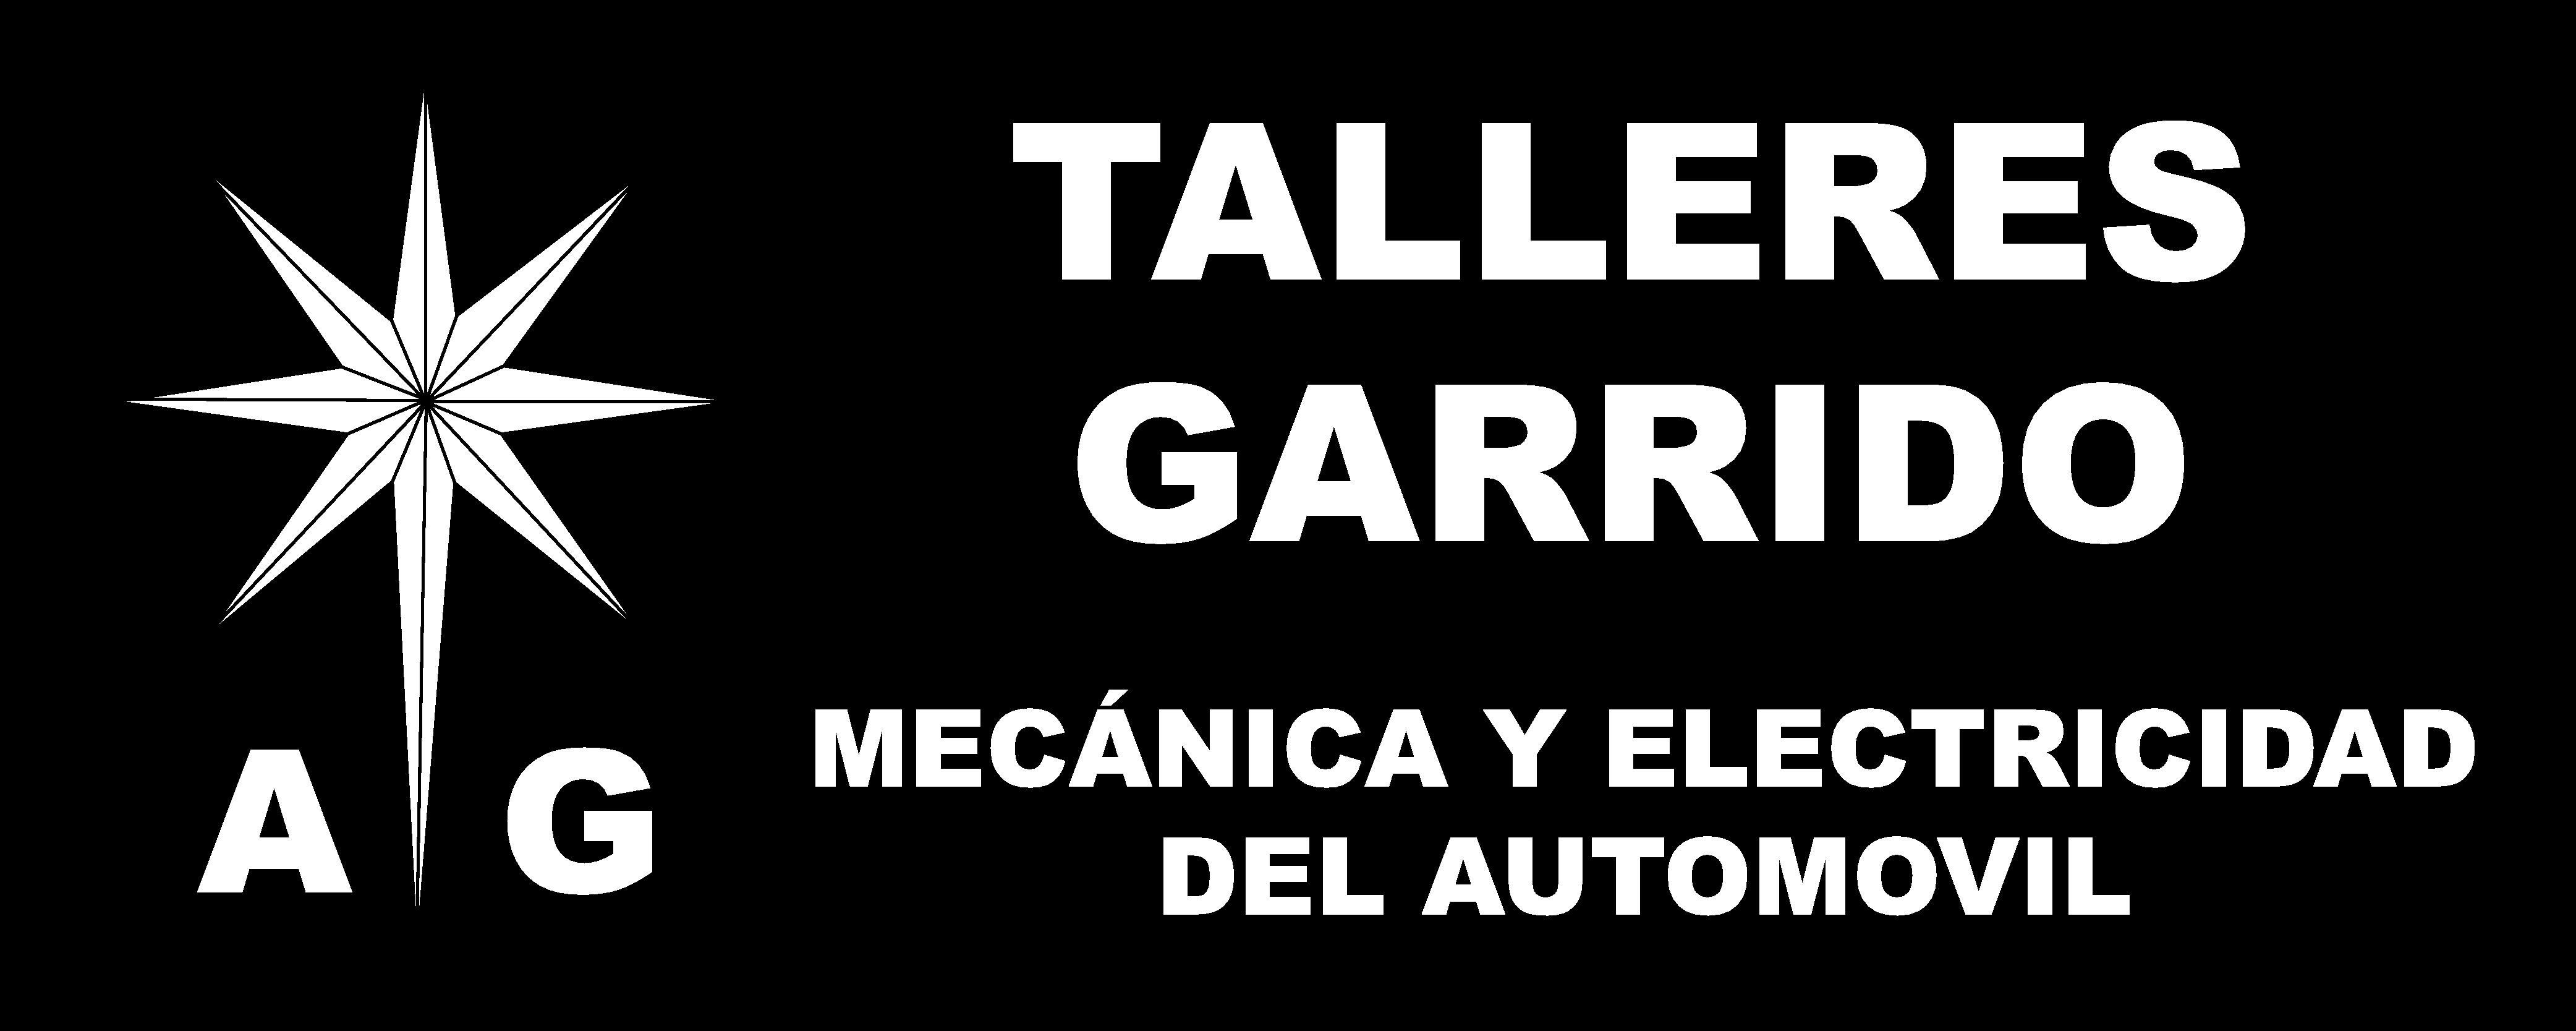 TALLERES-Garrido-VECTORIZADO-page-001